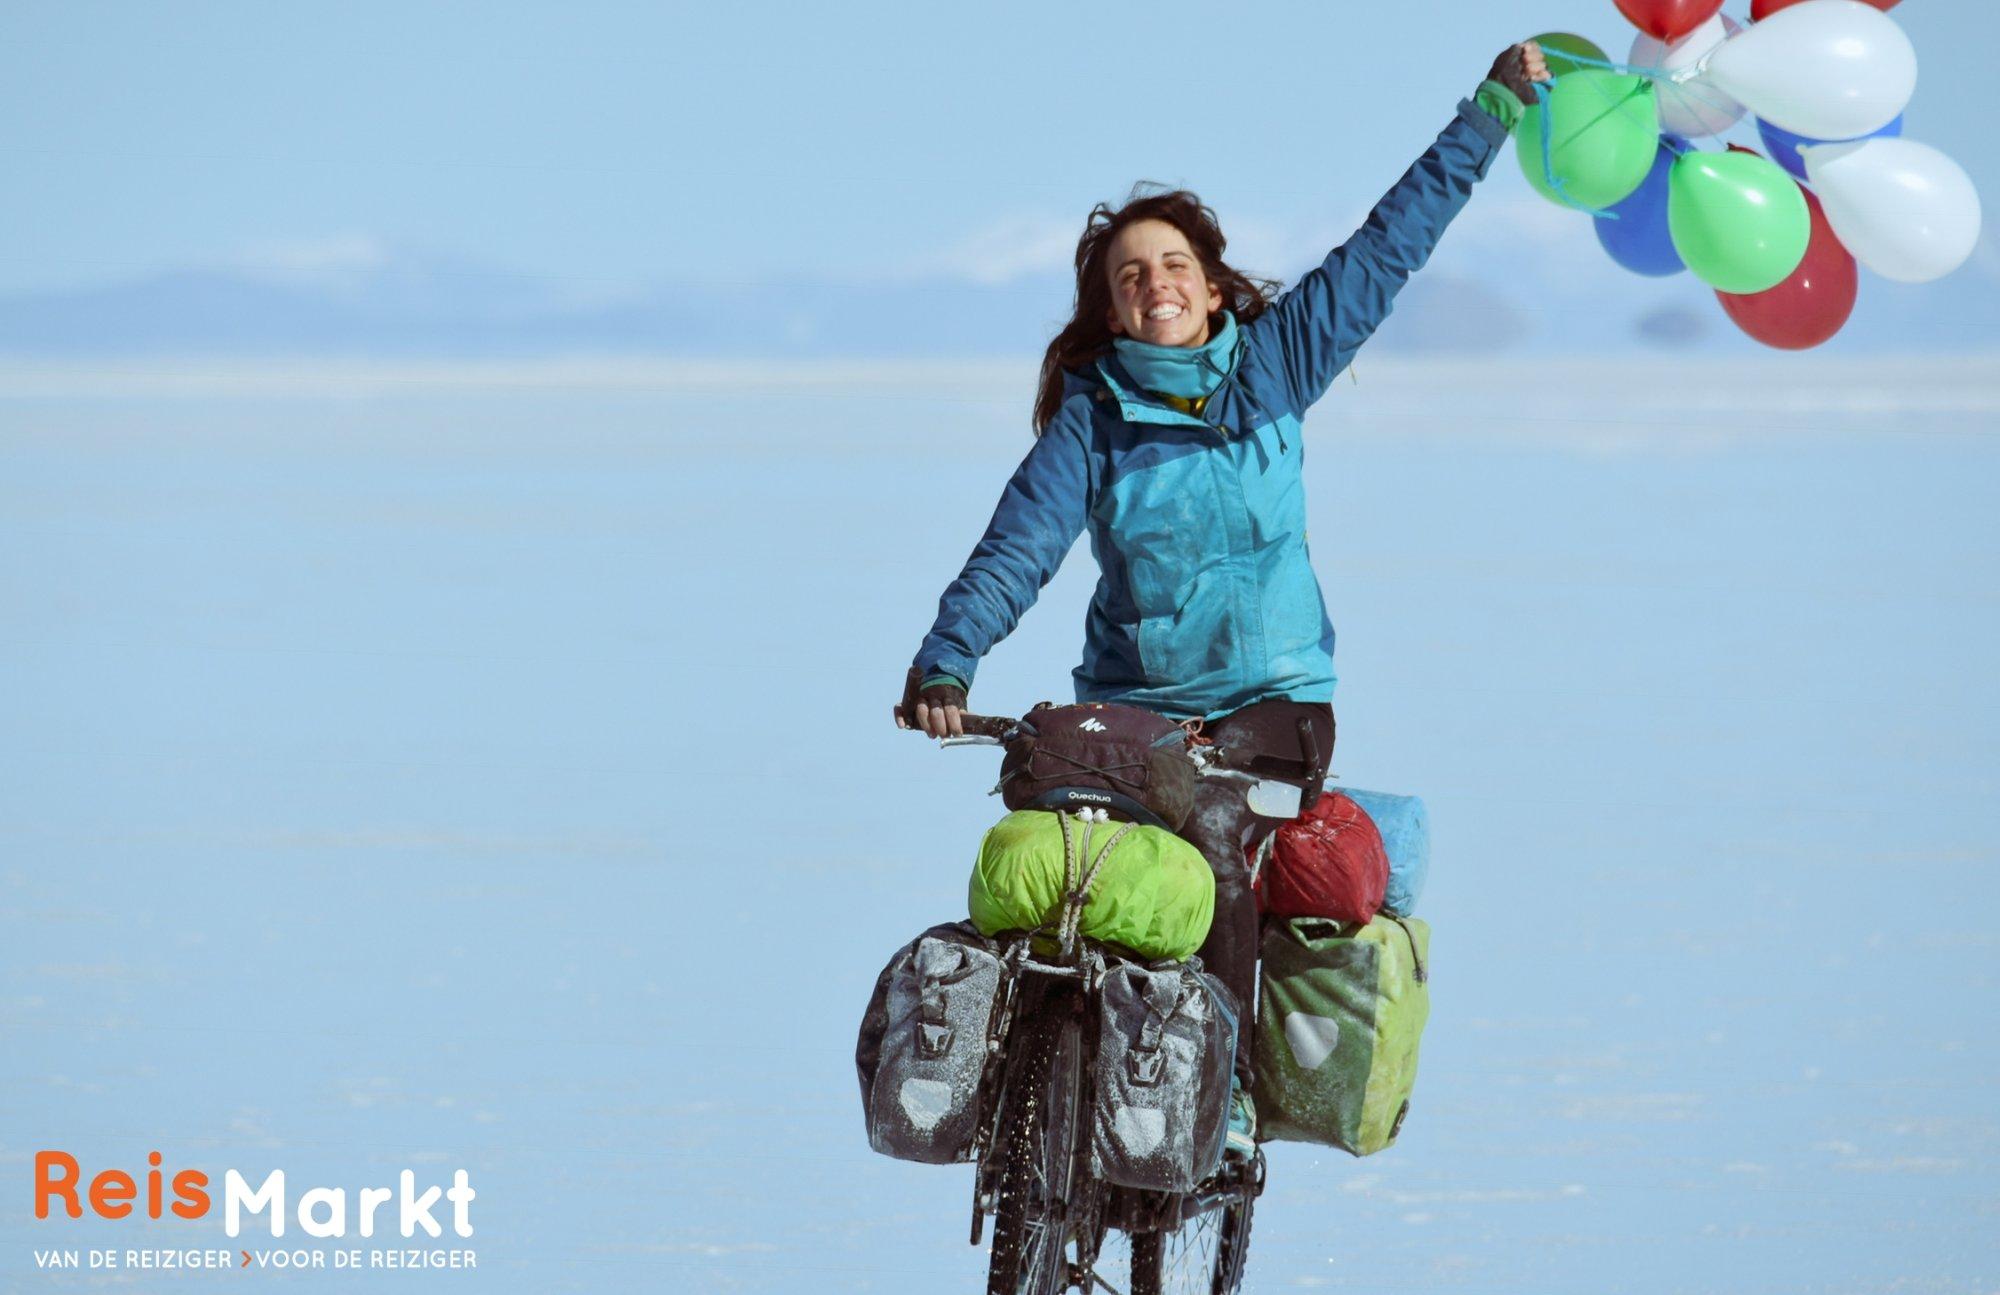 reismarkt-reizigers-informeren-reizigers-iris